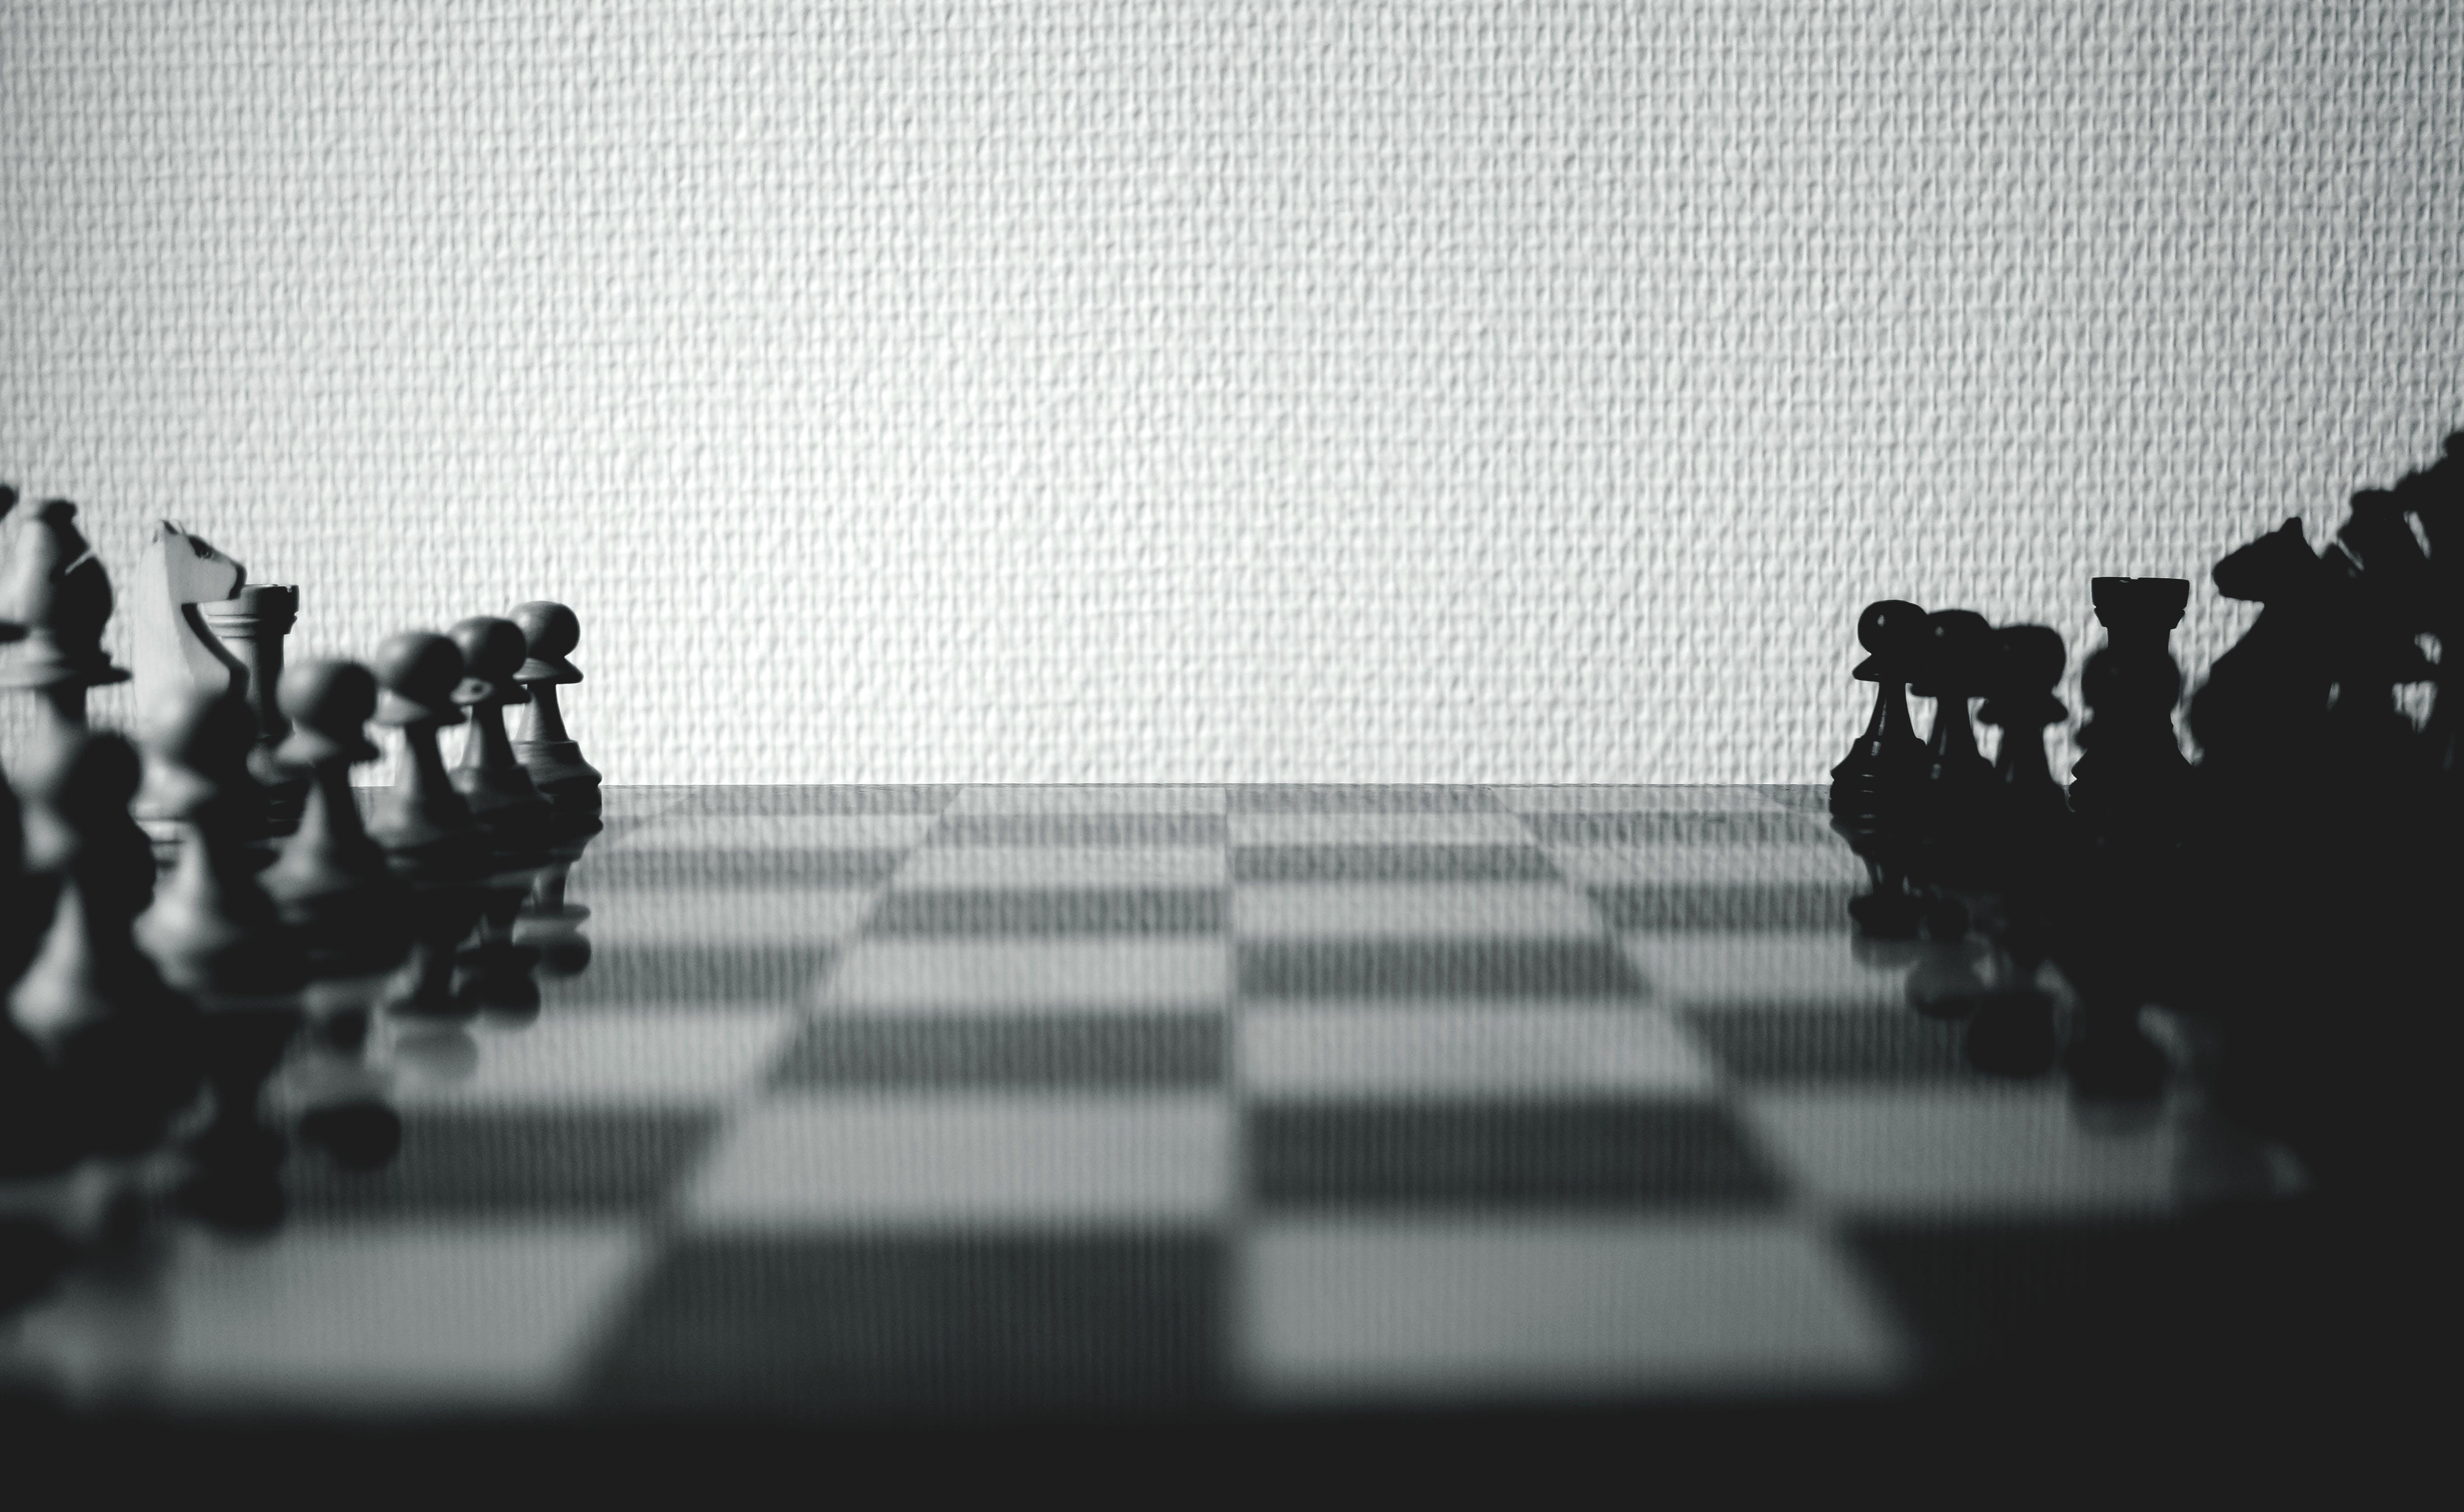 Kostenloses Stock Foto zu brettspiel, figuren, schach, schachbrett